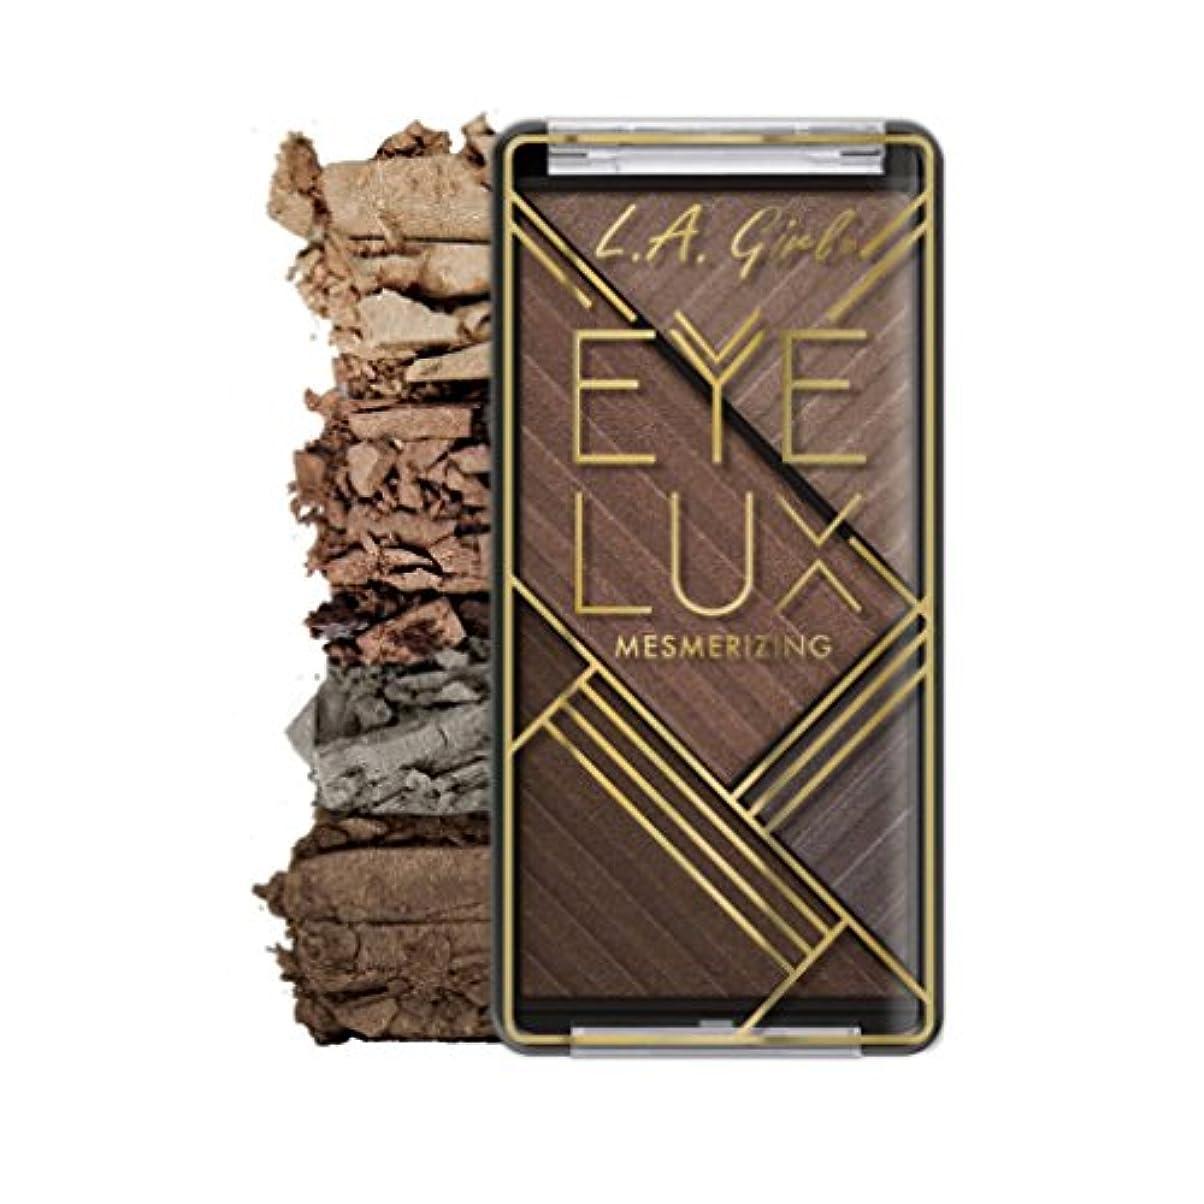 成熟伝記オーバードロー(6 Pack) L.A. GIRL Eye Lux Mesmerizing Eyeshadow - Socialize (並行輸入品)